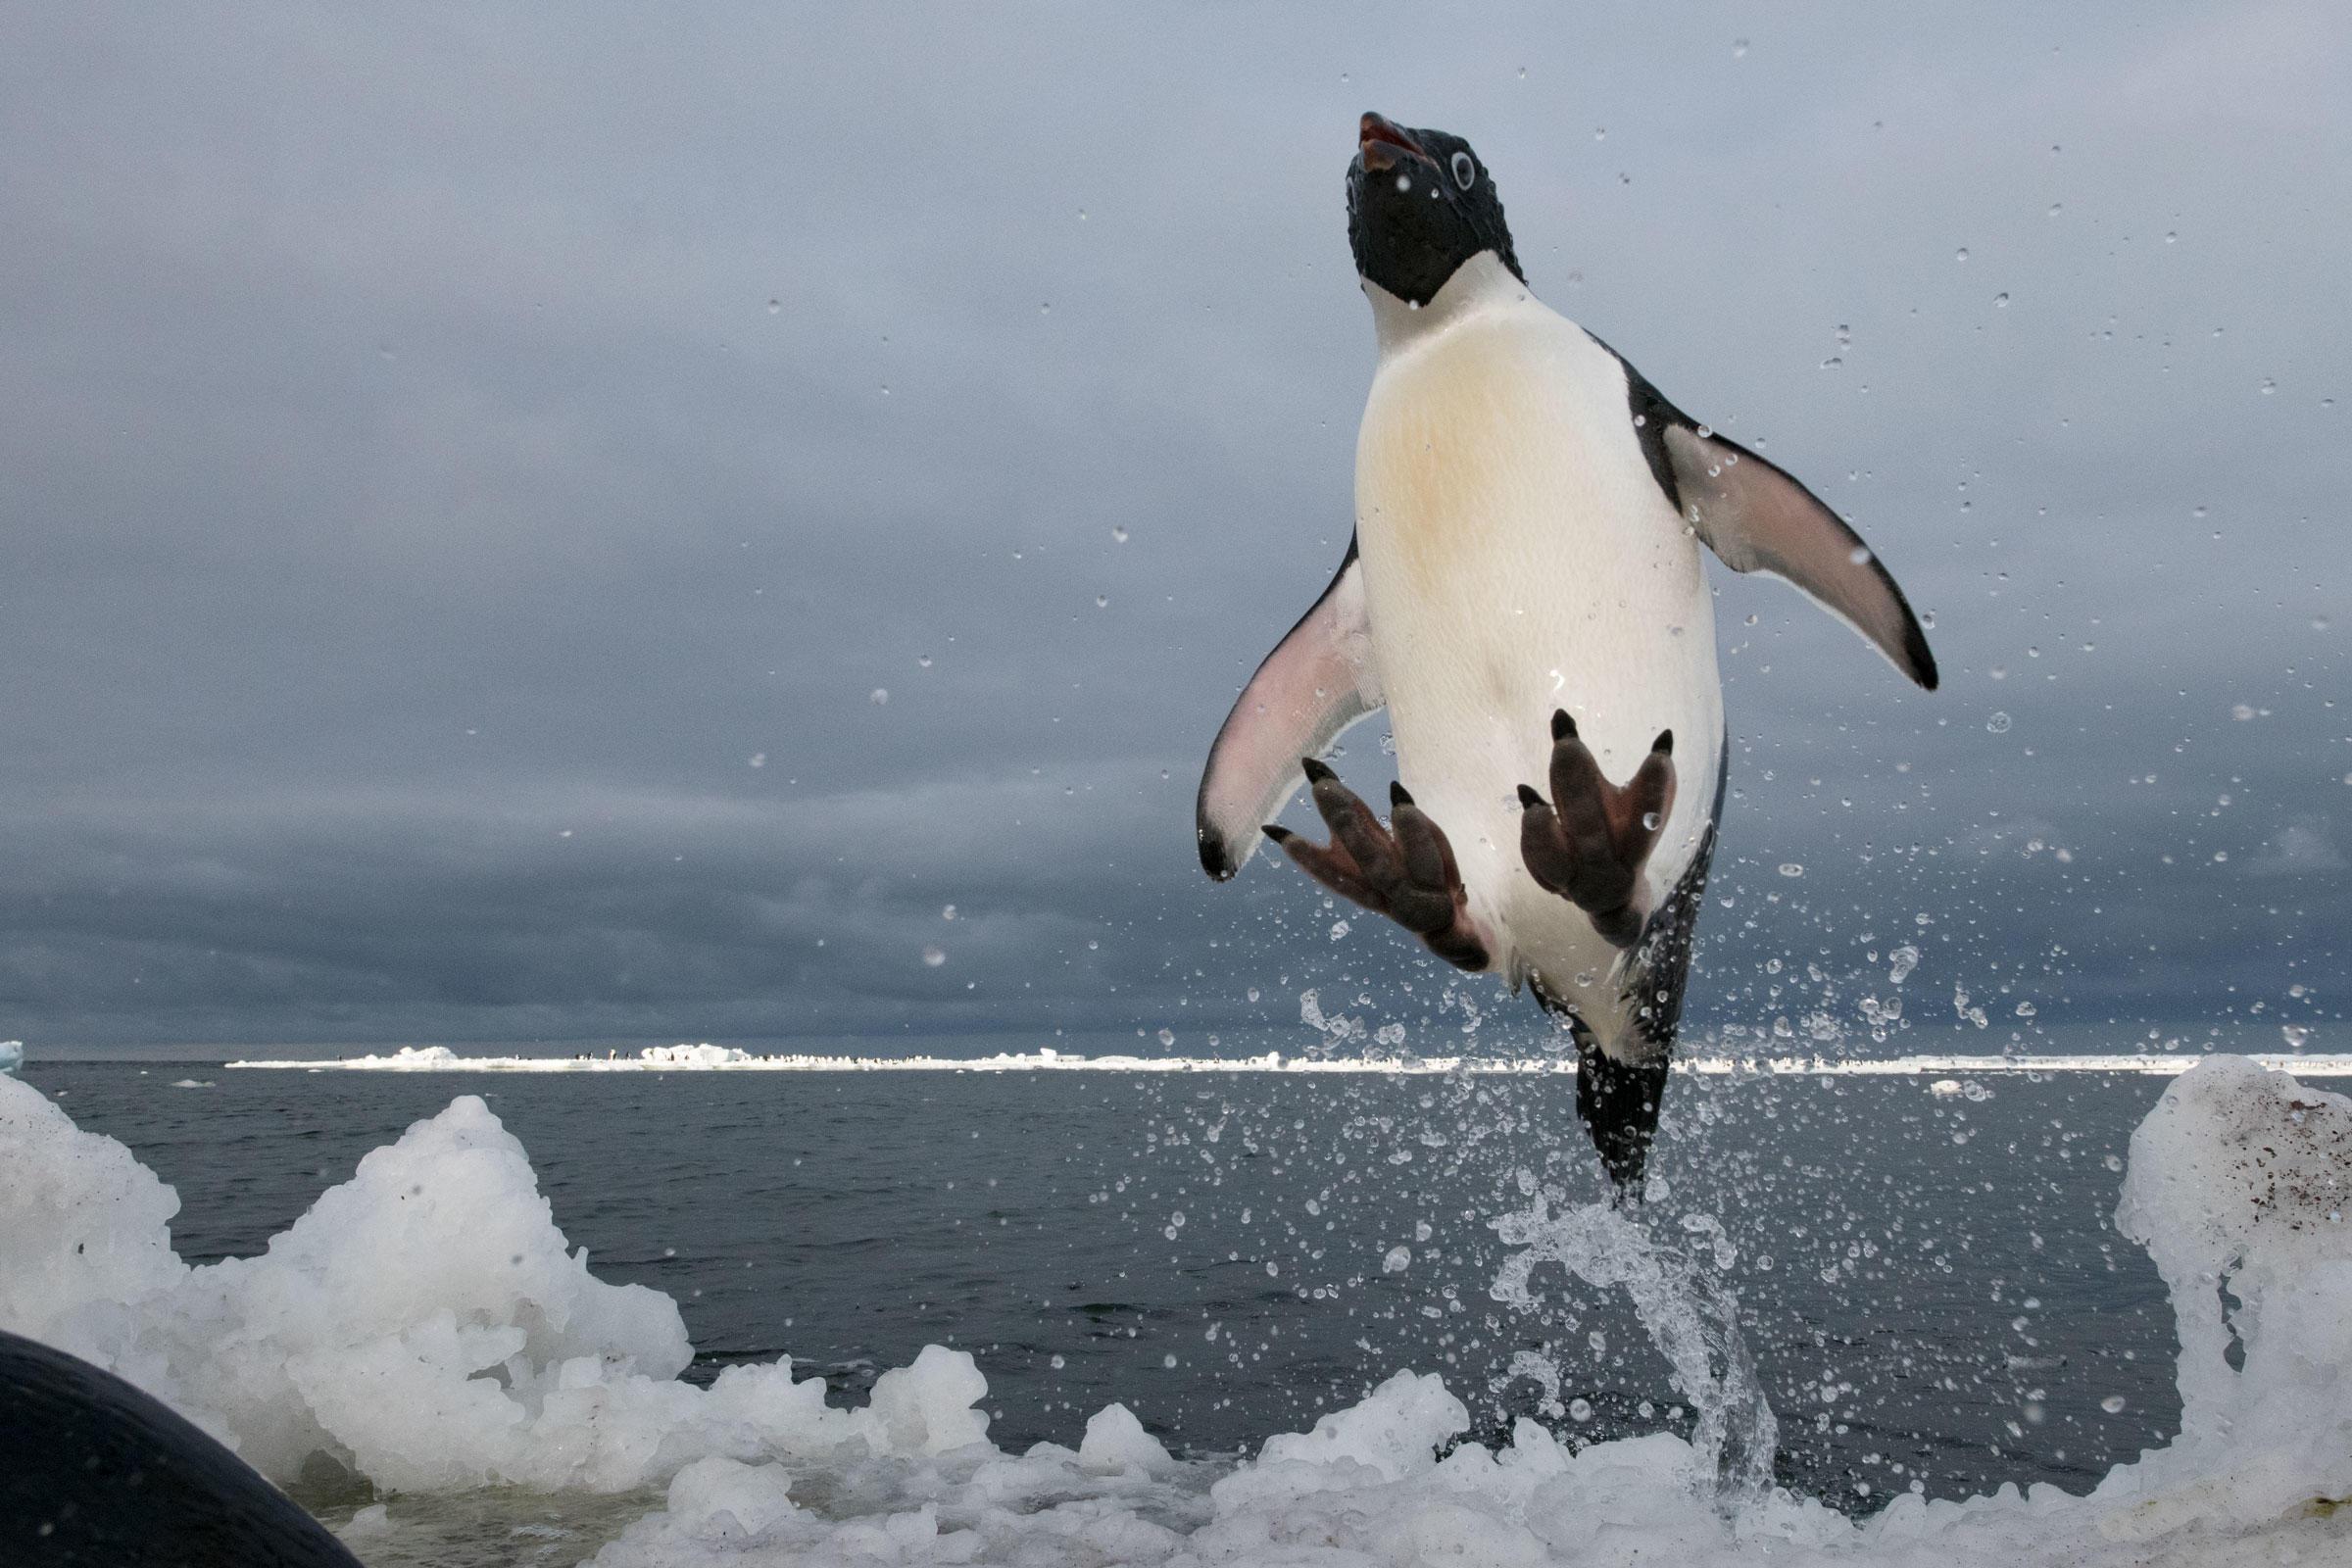 Chú chim cánh cụt vọt lên khỏi mặt nước